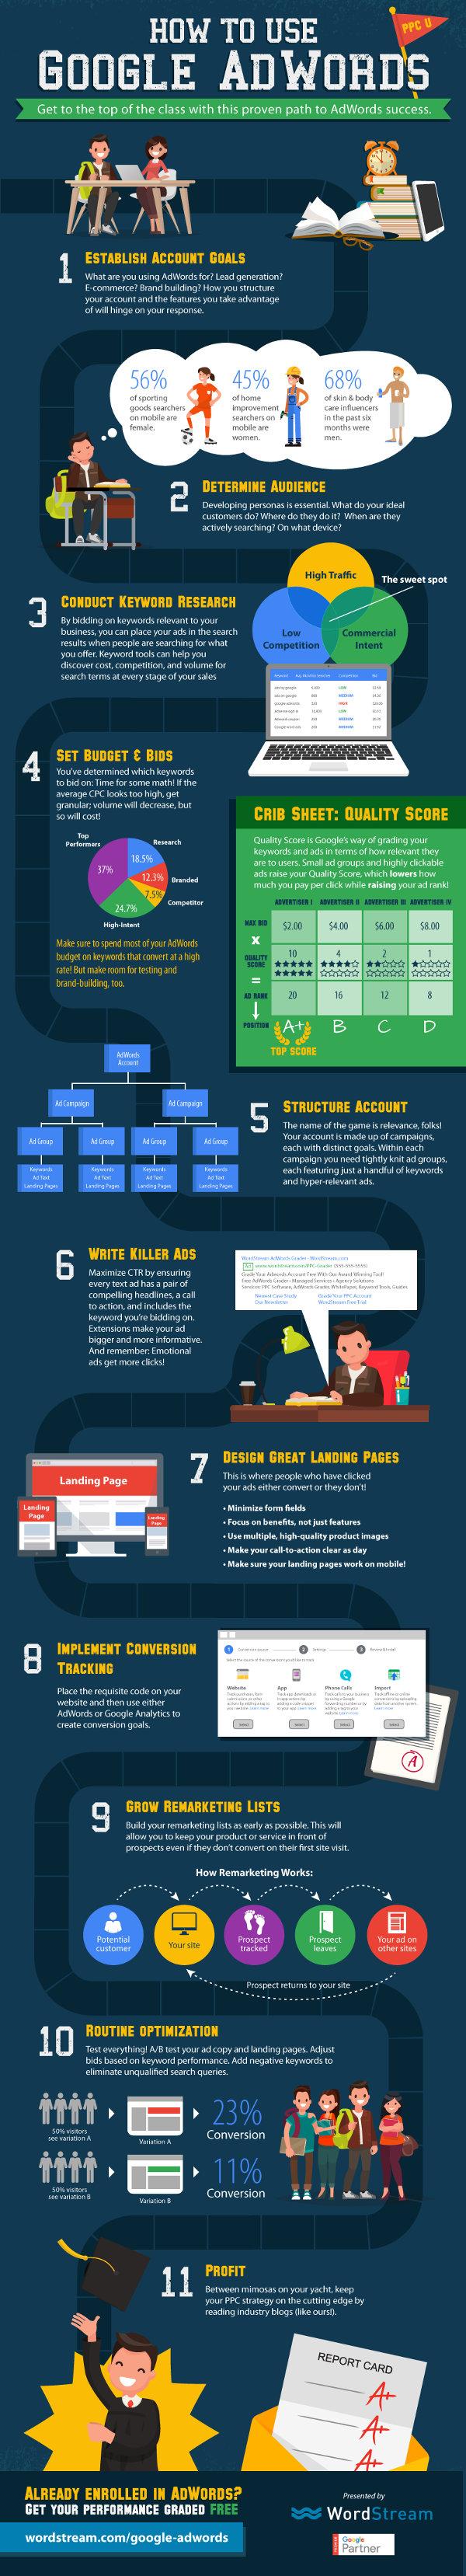 infographic-google-adwords